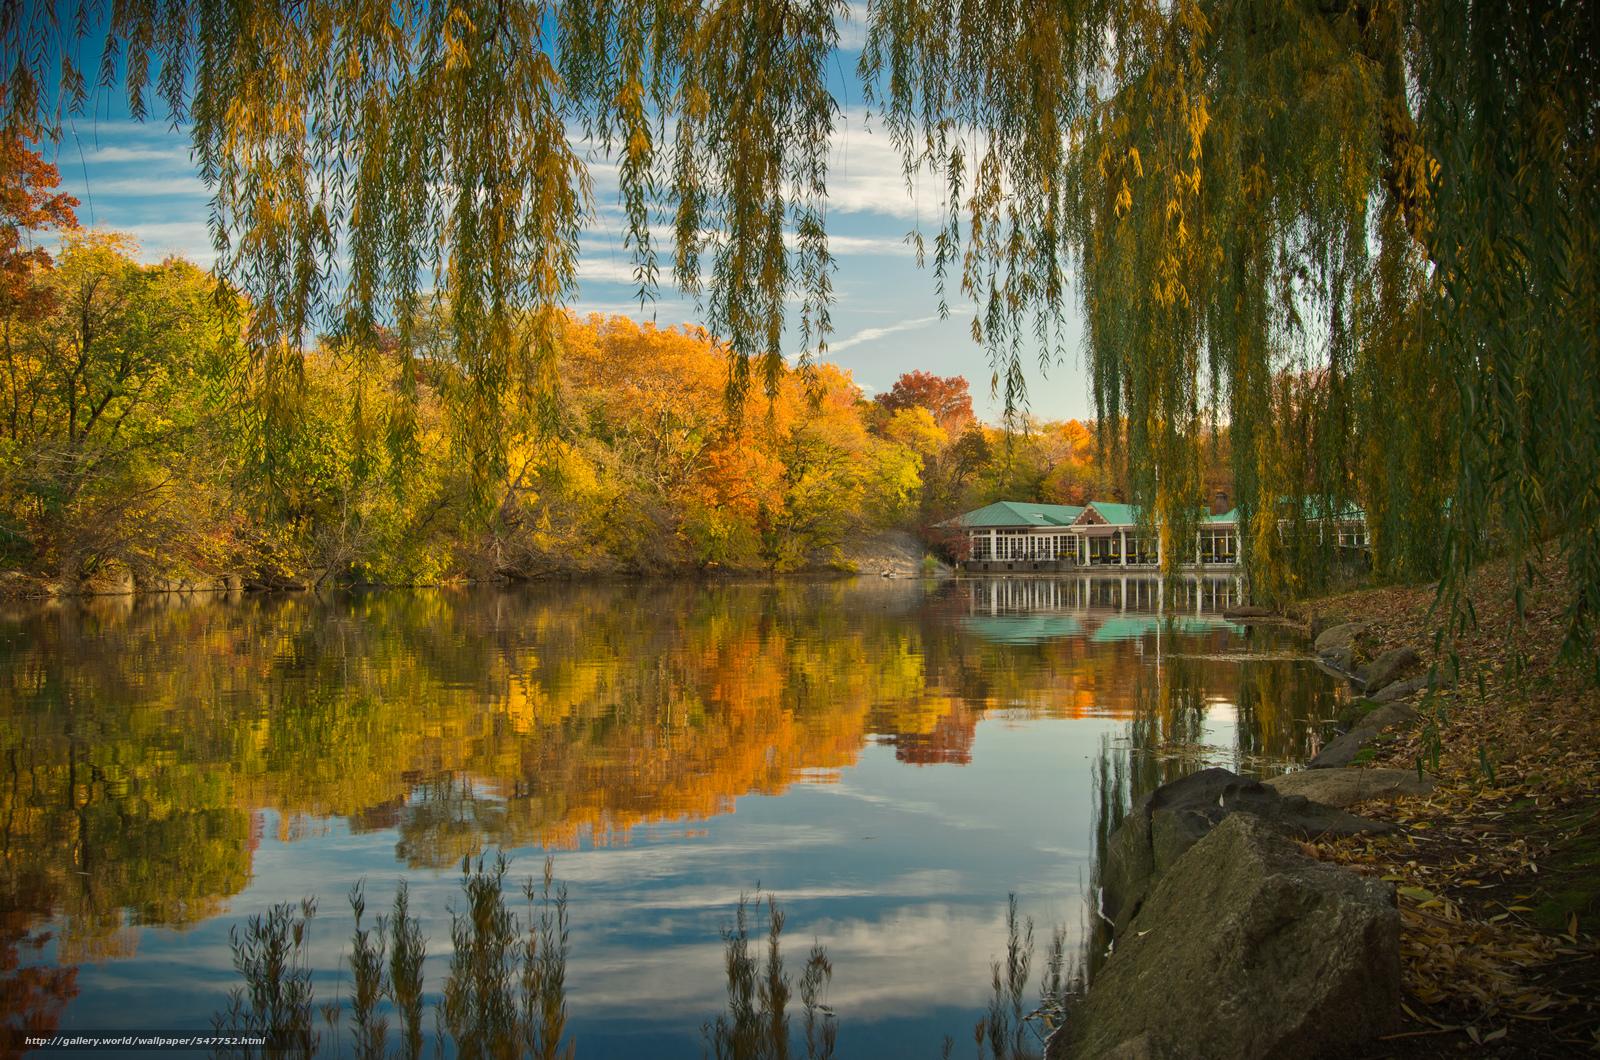 下载壁纸 在纽约中央公园,  秋,  池塘,  树 免费为您的桌面分辨率的壁纸 4928x3264 — 图片 №547752